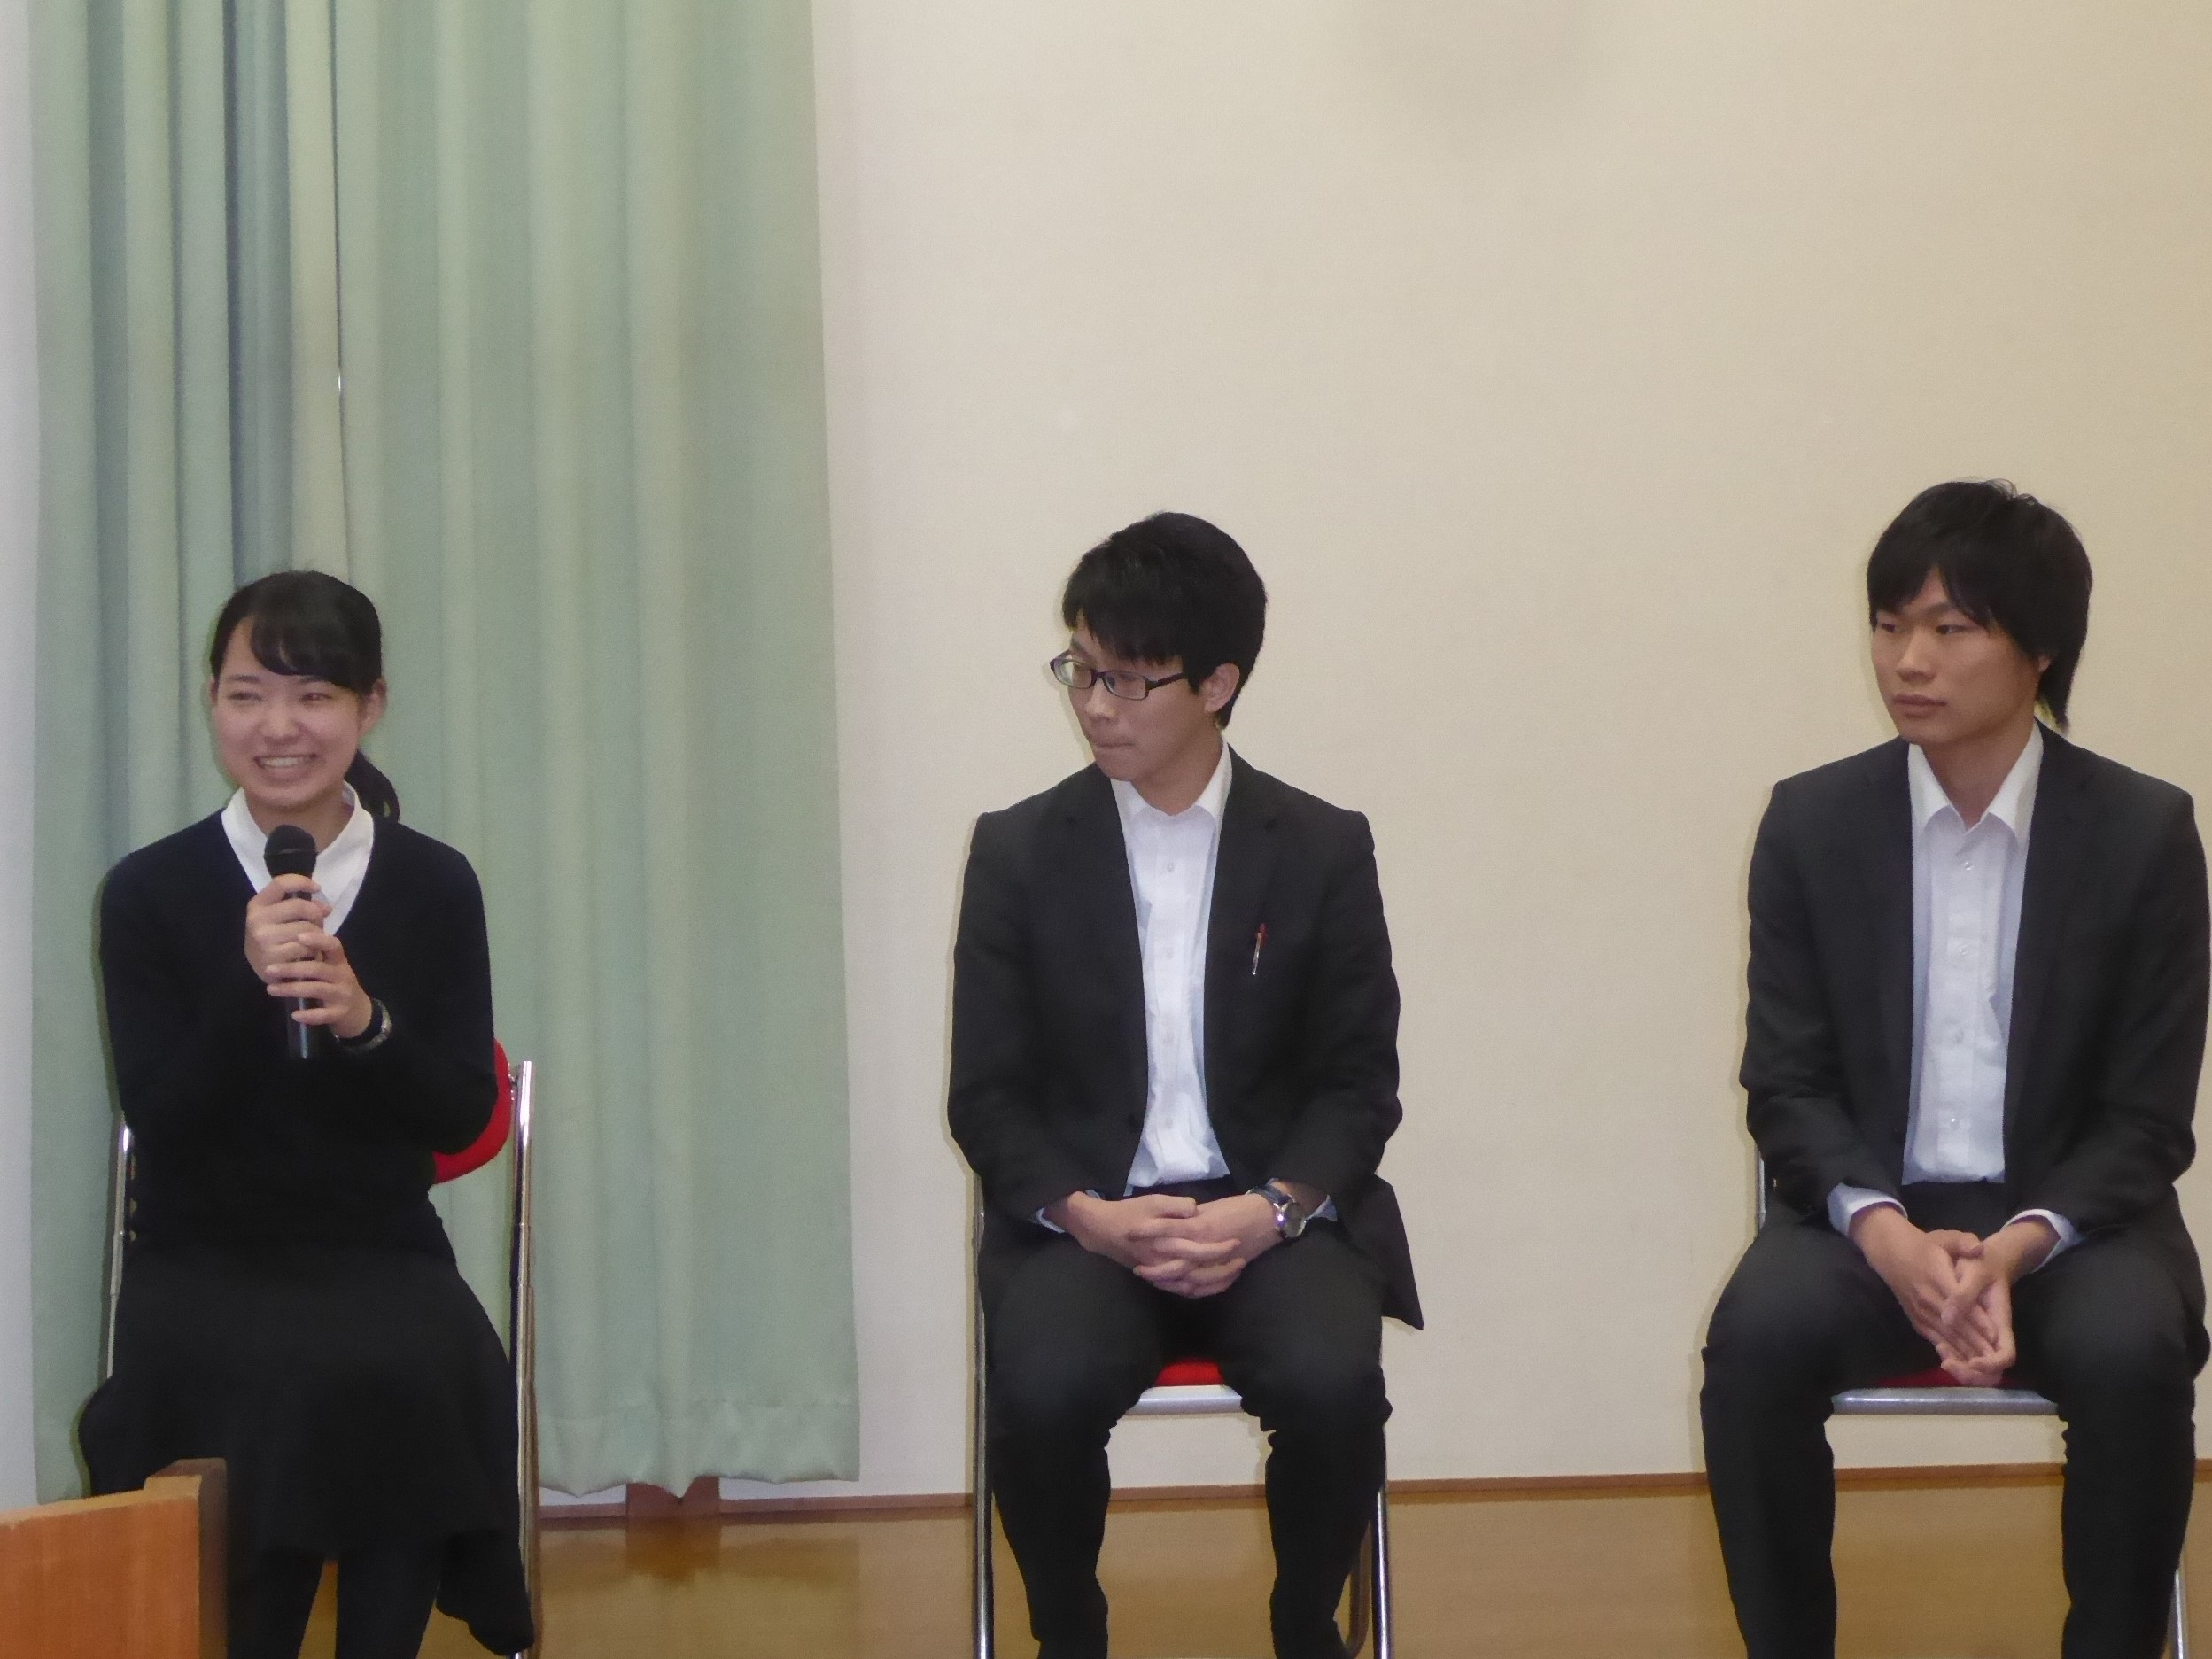 事業報告会で青年が社会の課題を語る